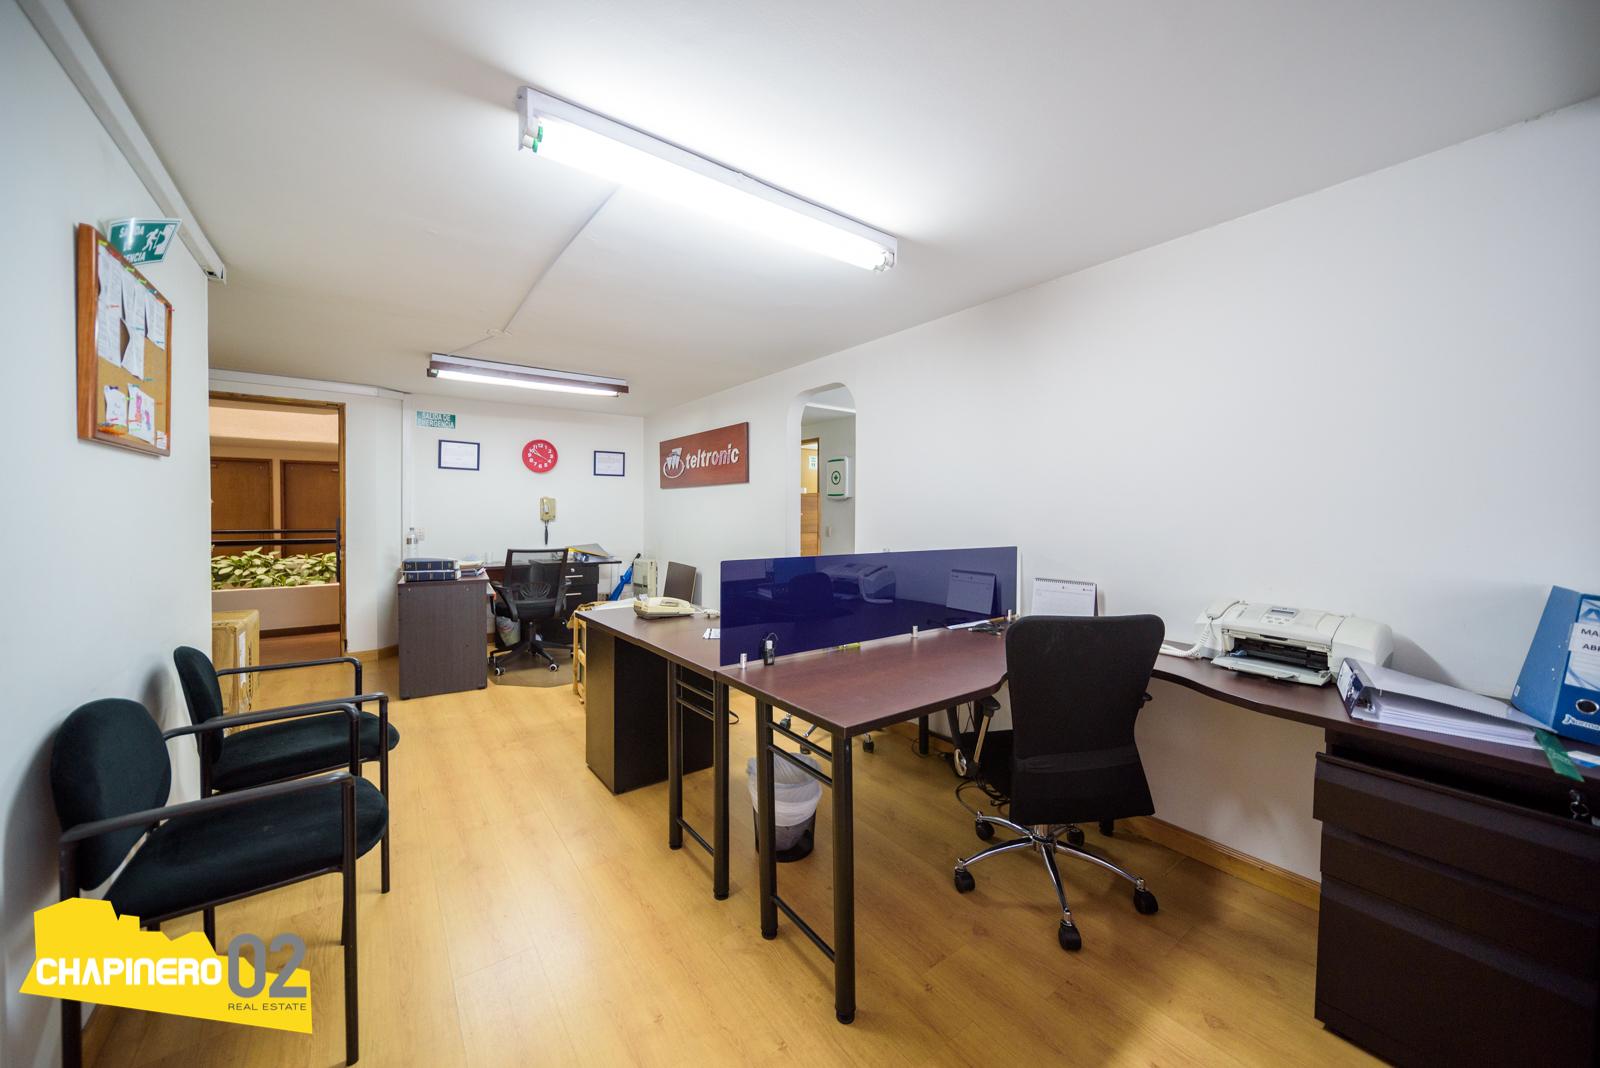 Oficina Arriendo :: 58 m² :: Retiro :: $3.5 M